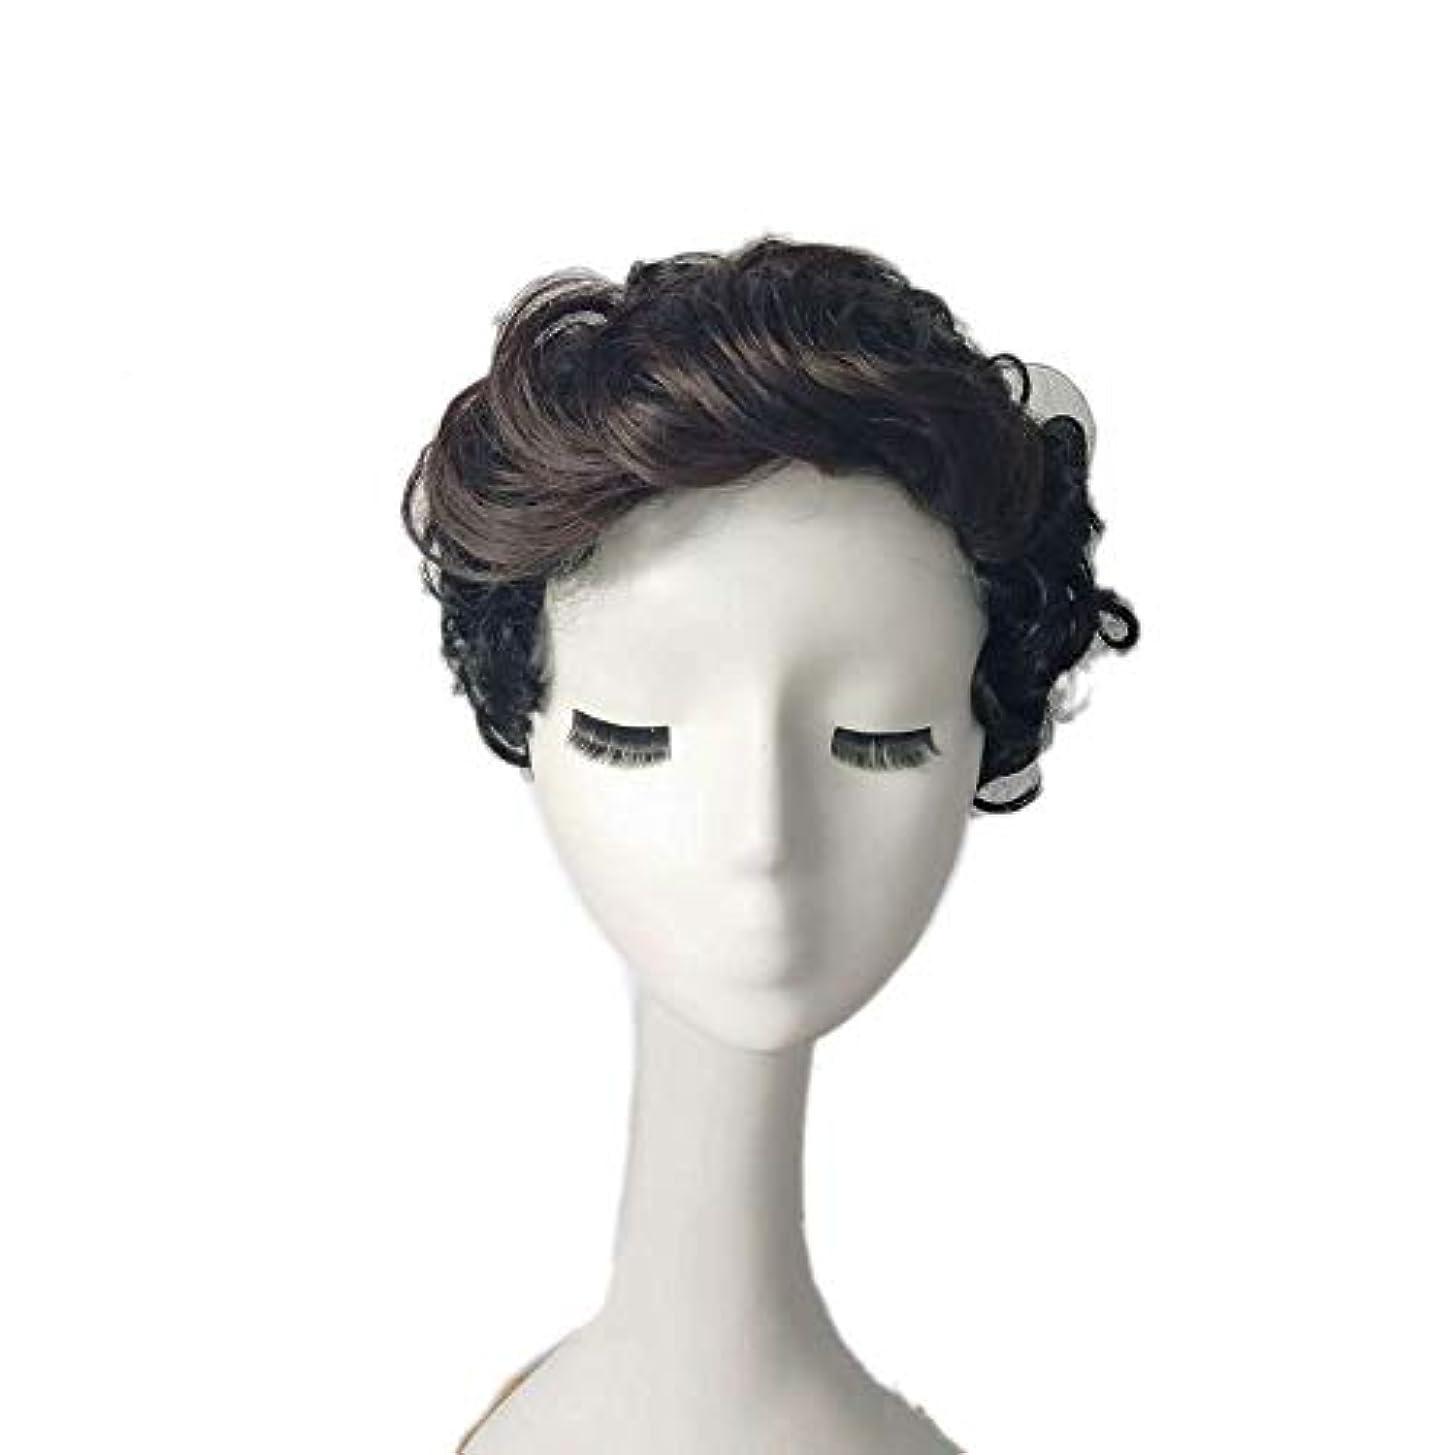 簡潔な福祉落ちたWASAIO カーリーウェーブ人工毛ショートボブウィッグ女性用スタイル交換用耐熱ファイバー耐熱ファイバー (色 : 黒)